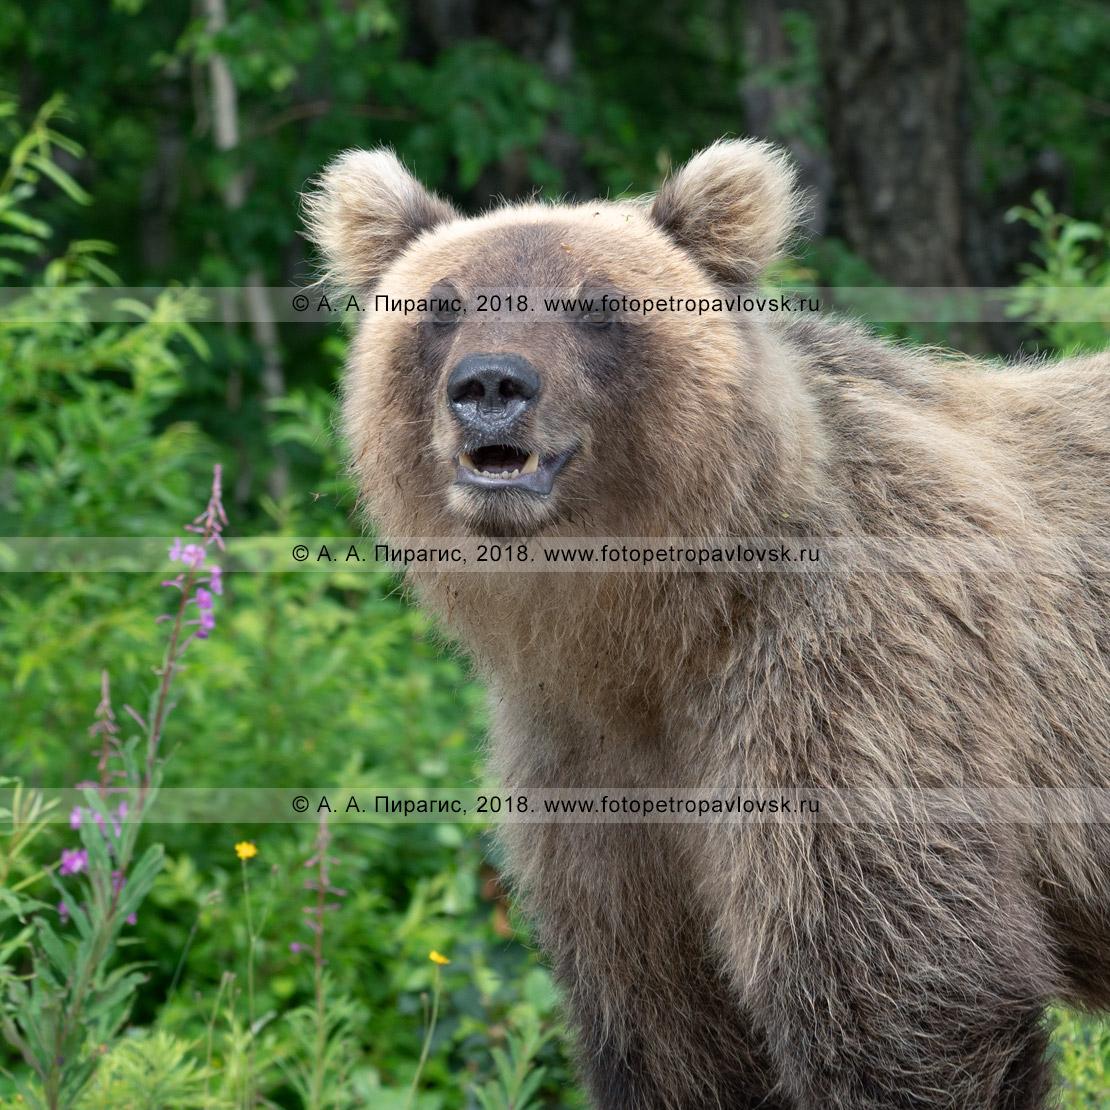 Фотография: летний портрет молодого камчатского бурого медведя крупным планом на фоне зеленого камчатского леса